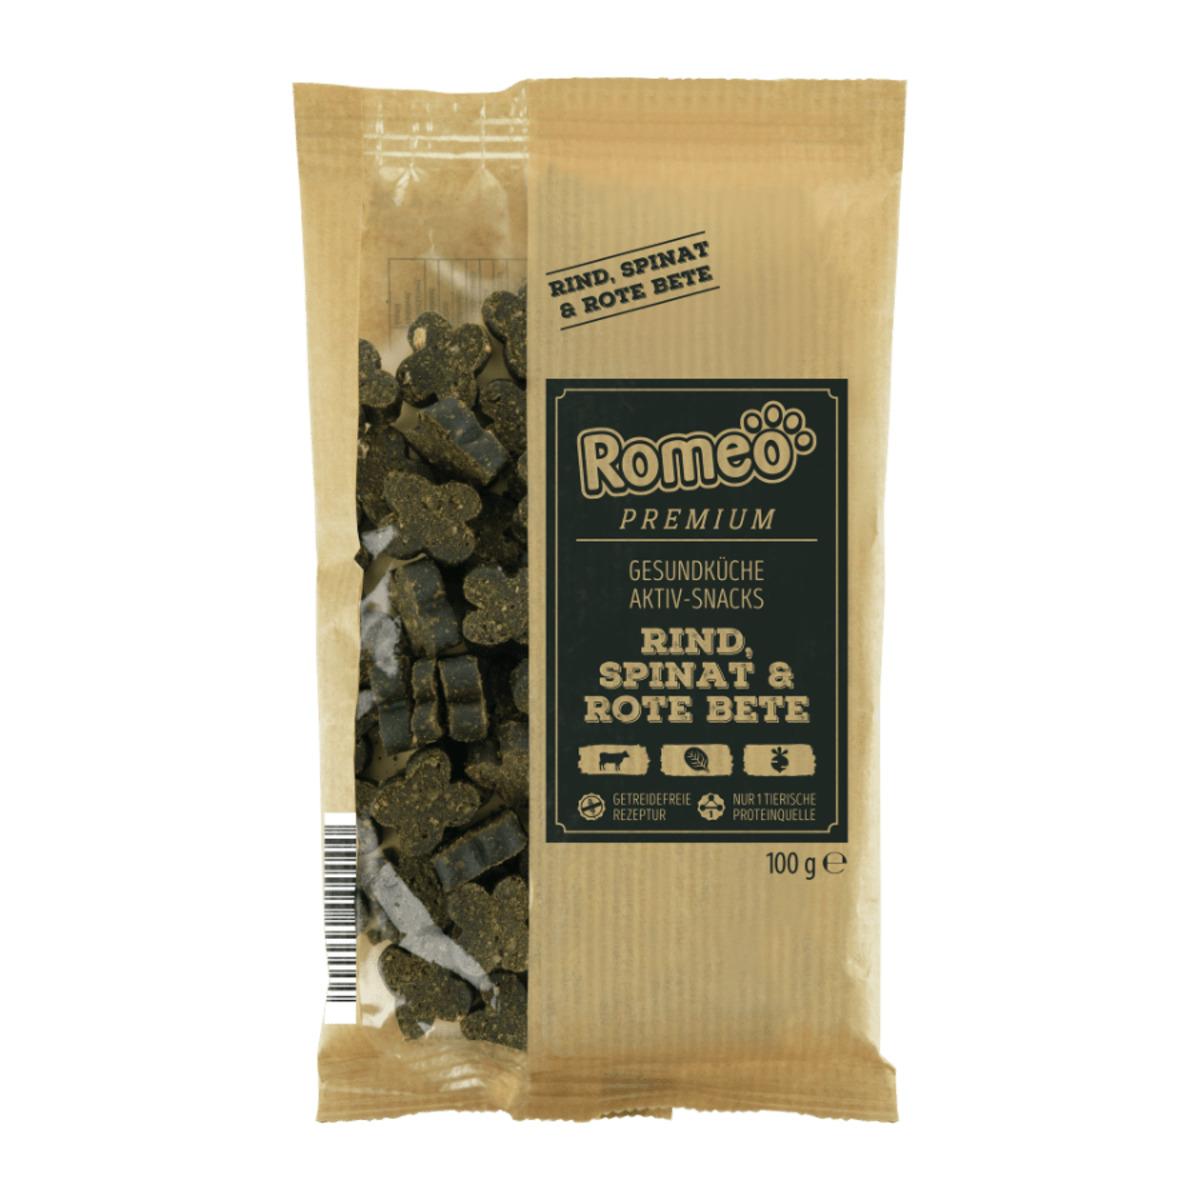 Bild 4 von ROMEO     Premium Aktiv-Snacks